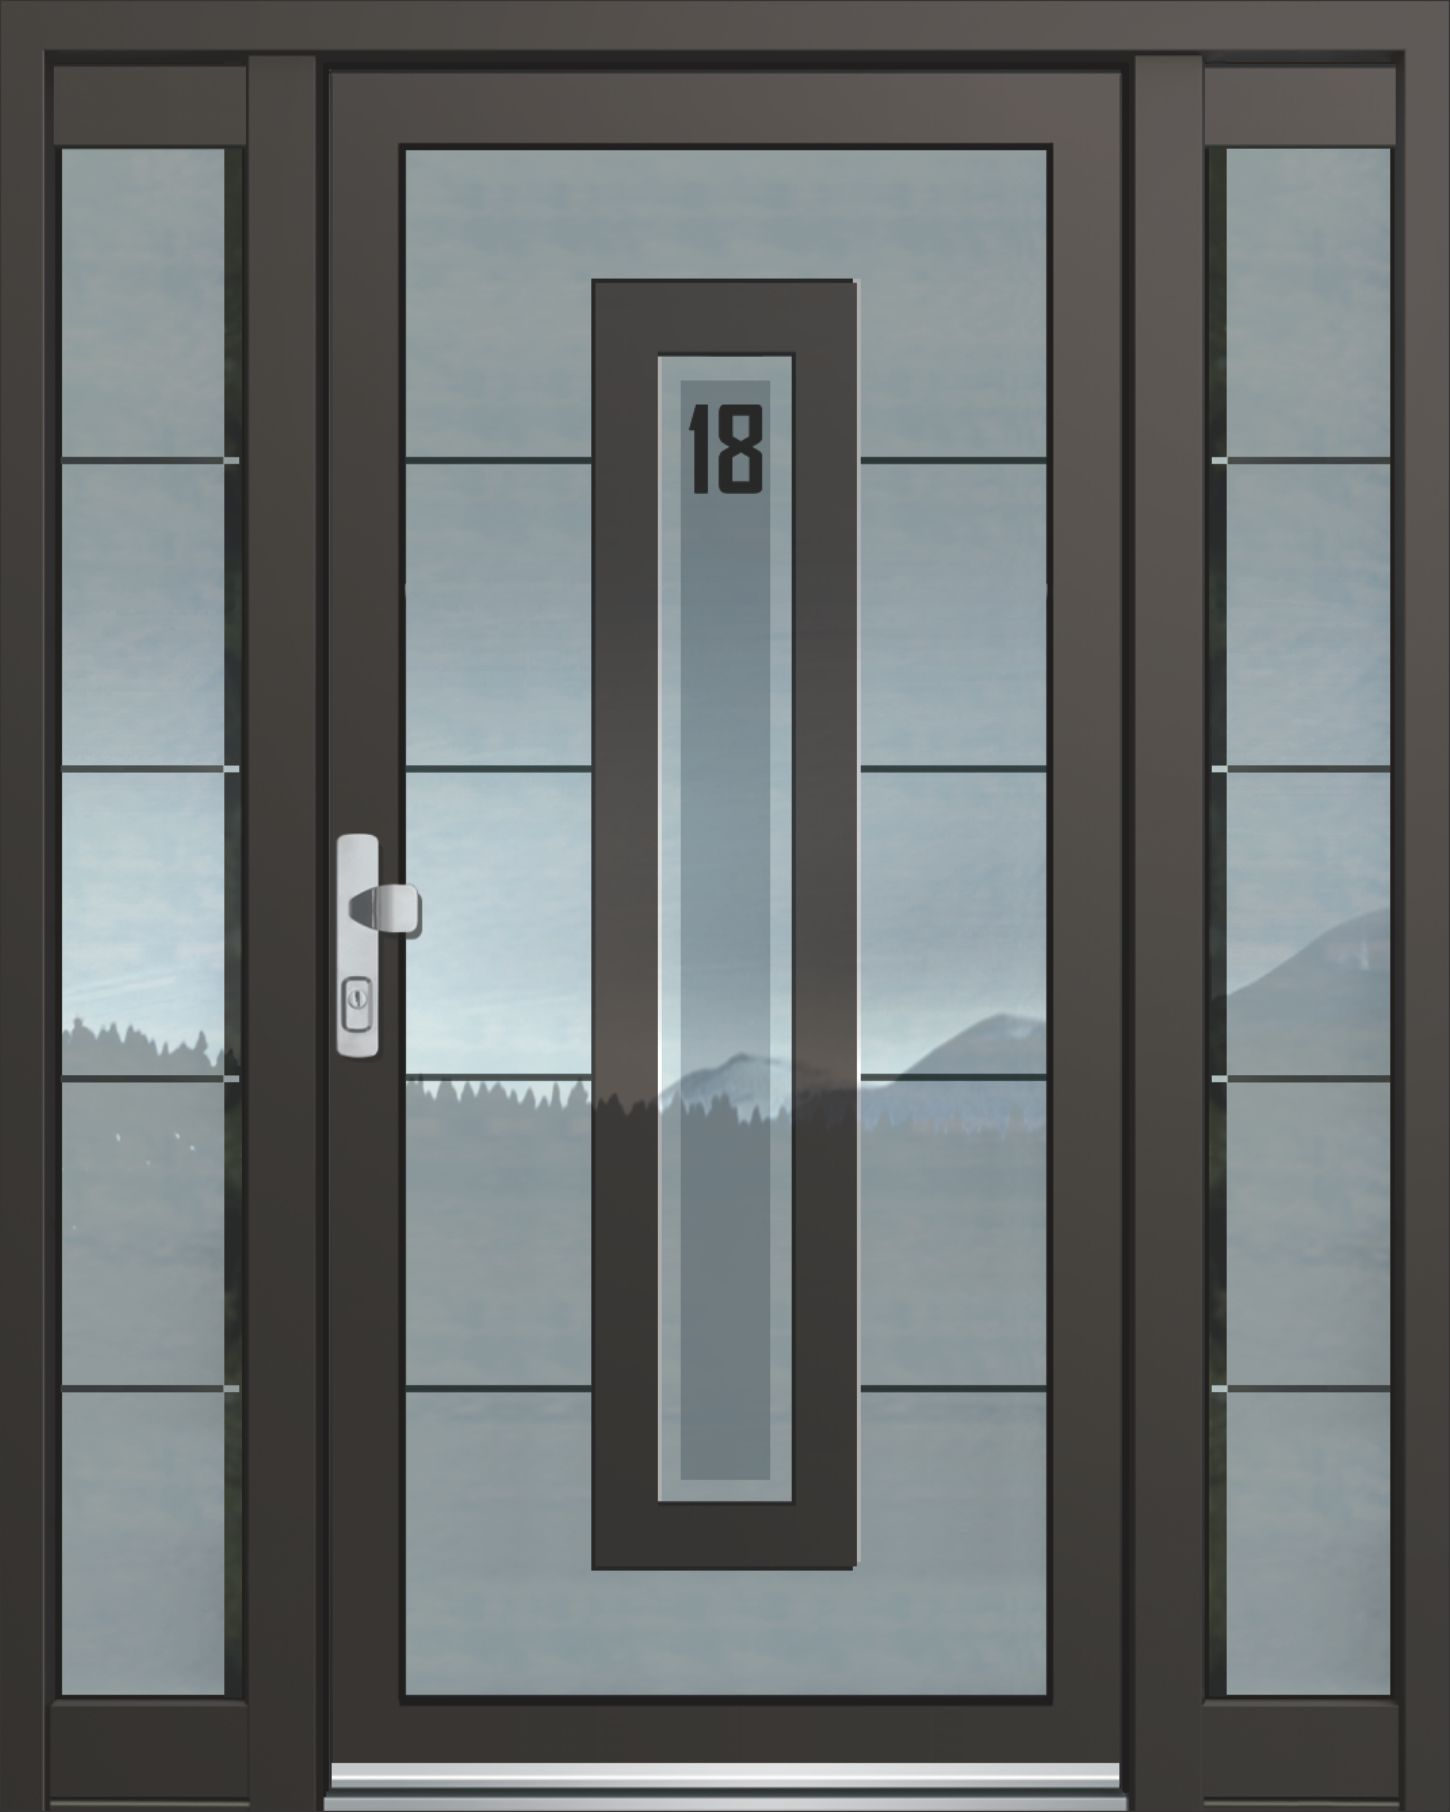 Inotherm Haustür Modell ASS 1831 Tür Mit Viel Glas Preis Auf Anfrage Bei  Www.1001